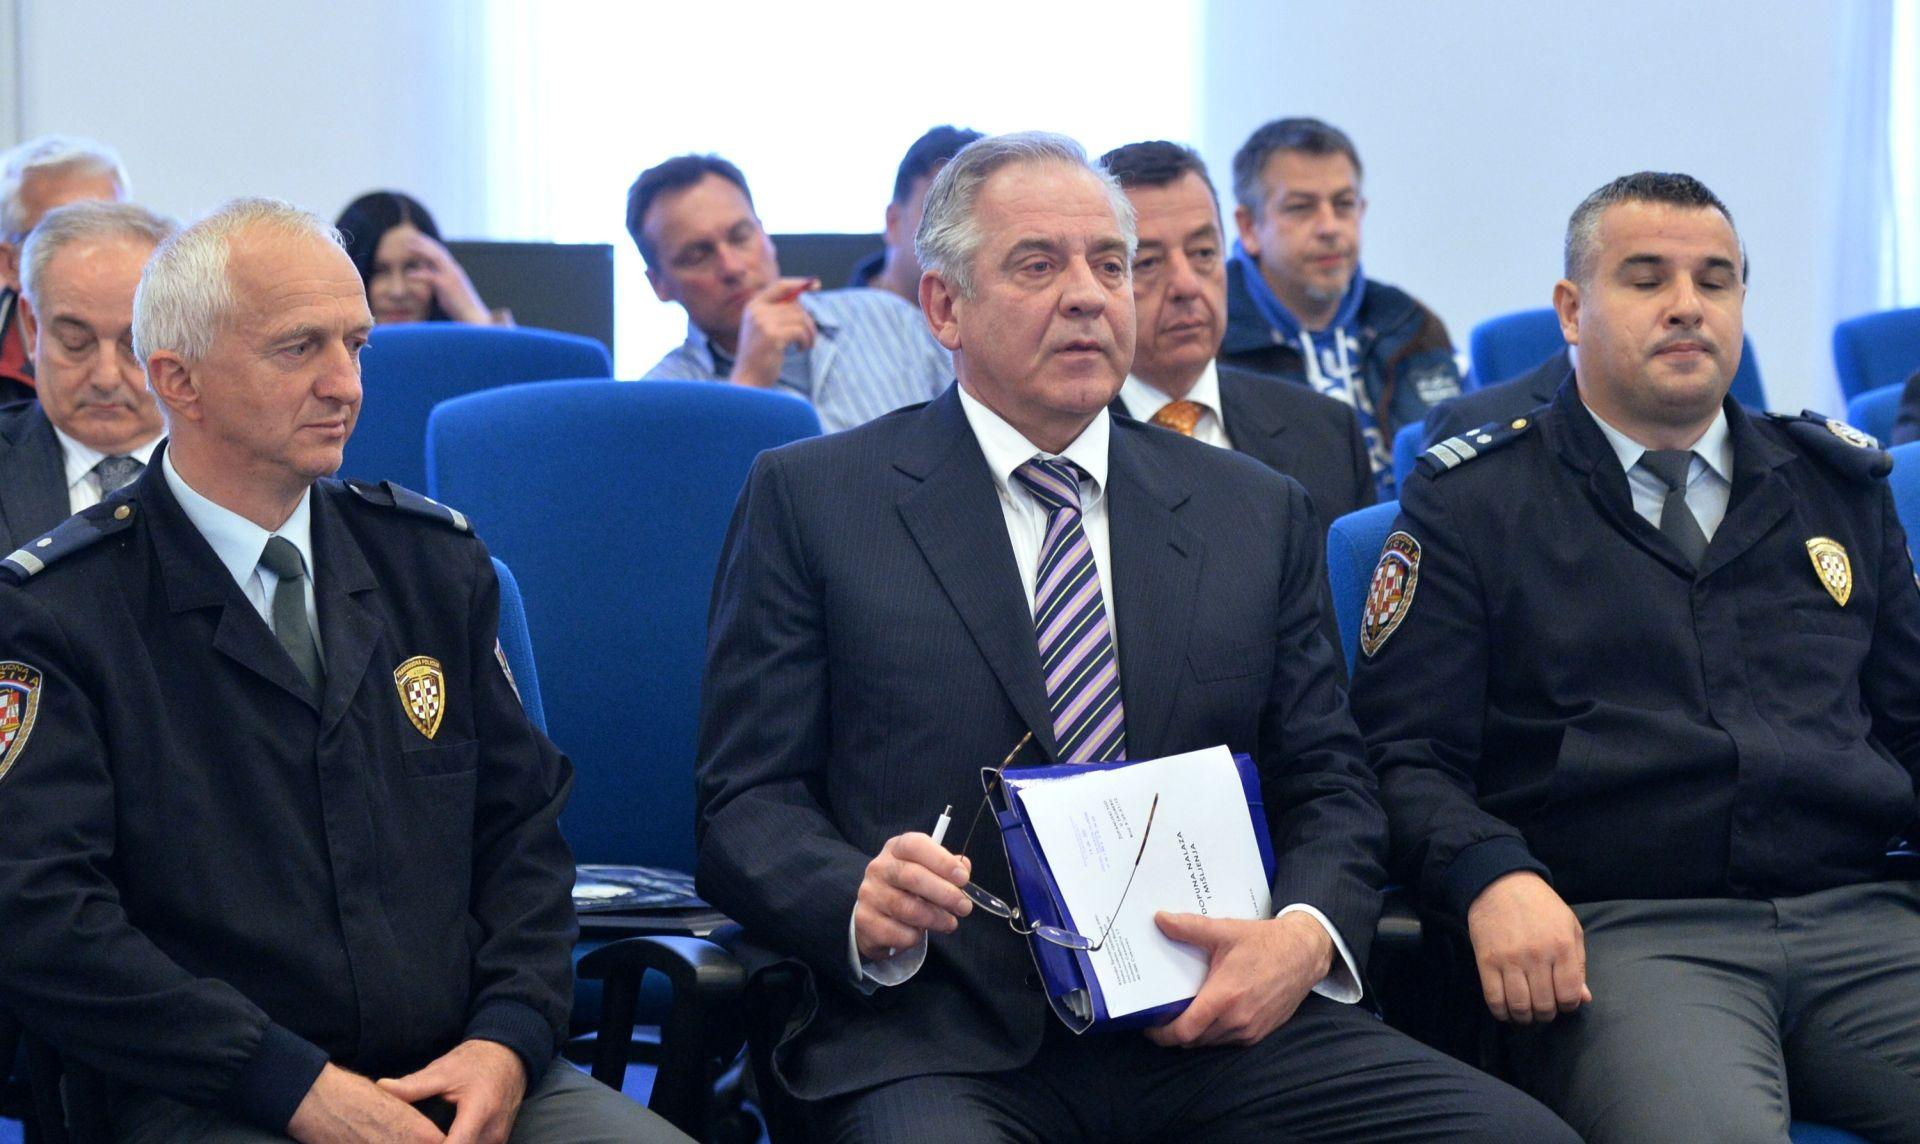 UKINUTA PRESUDA Slučaj Fimi media vraća se na početak; HDZ: Sa stranke skinuta kolektivna odgovornost